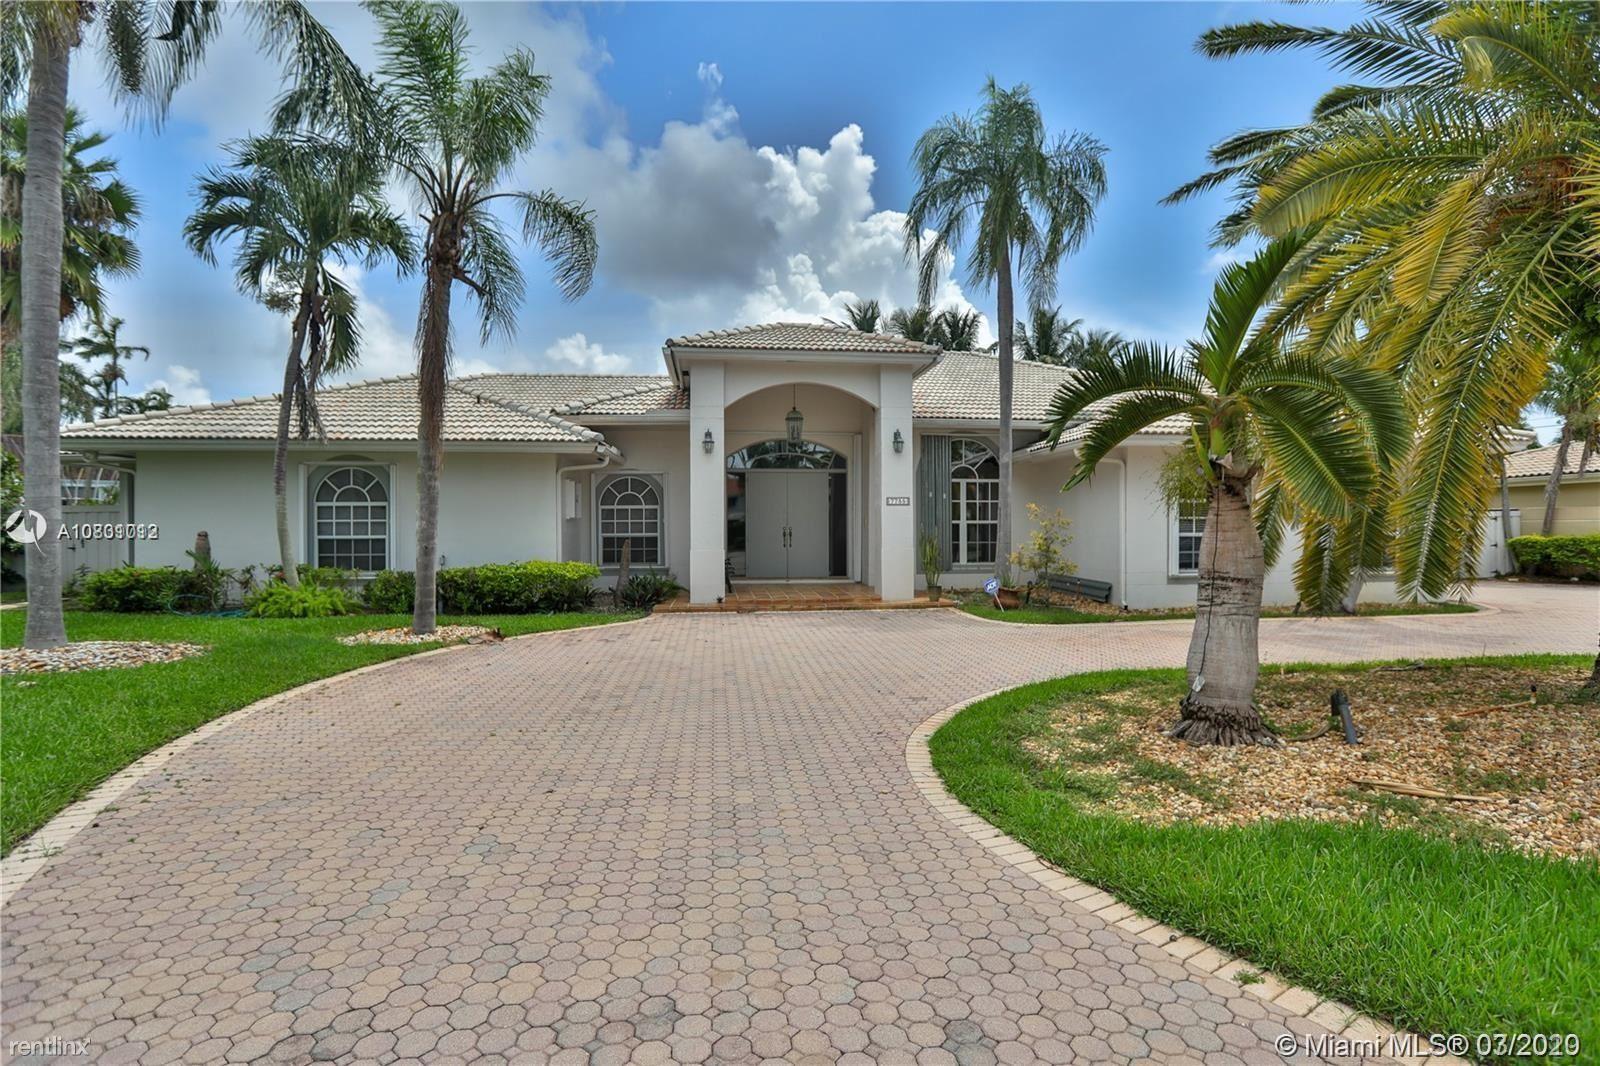 7755 SW 85th Ct, South Miami, FL - $5,000